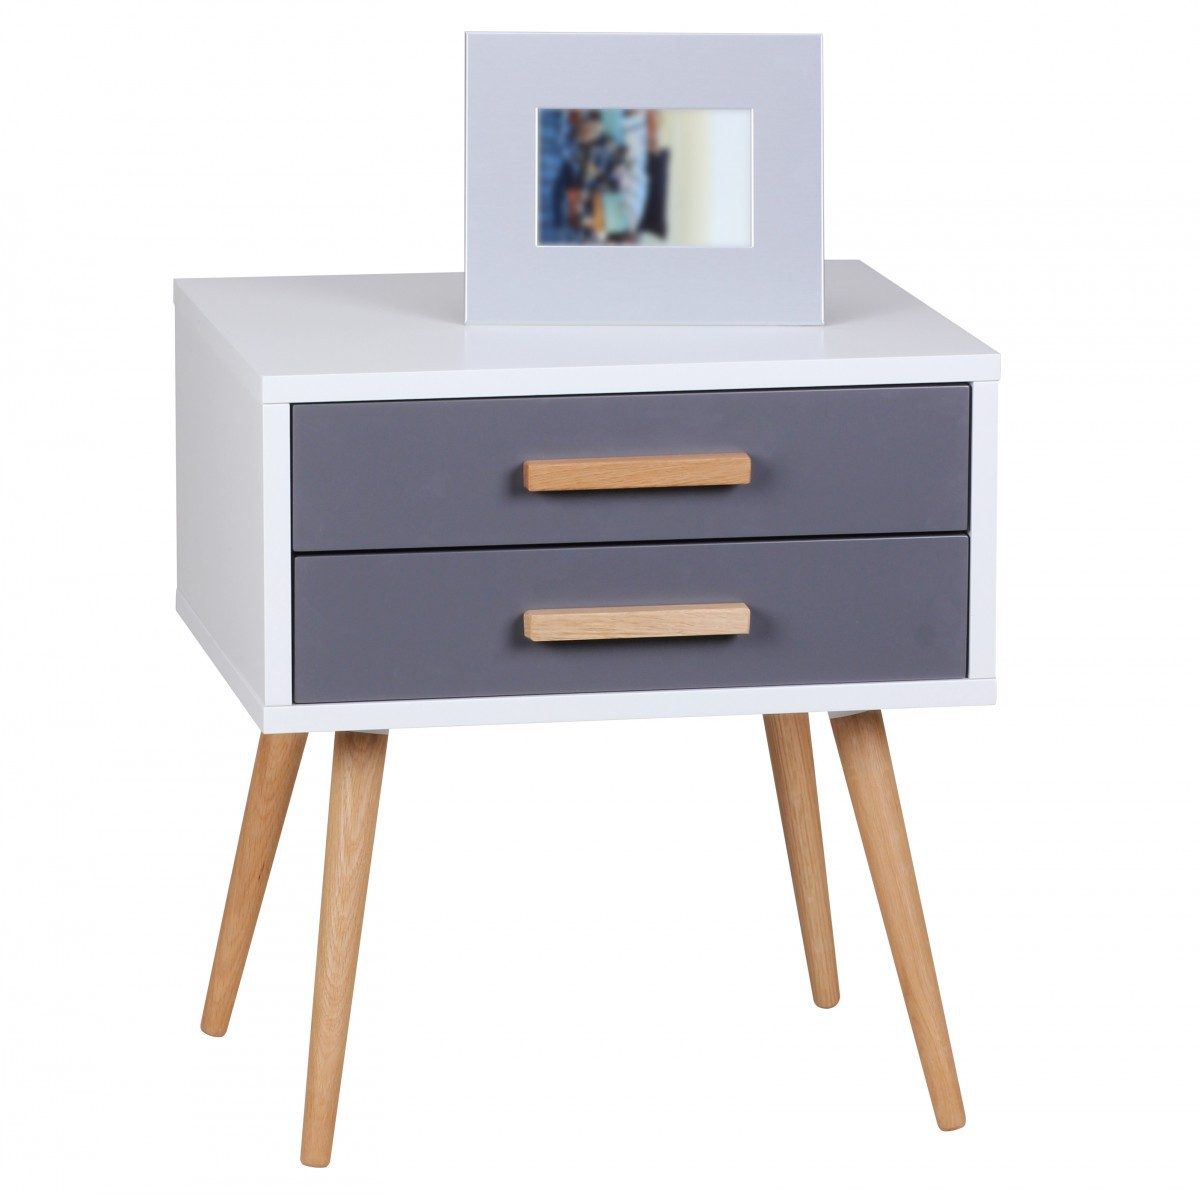 FineBuy Design Retro Nachttisch 50 X 40 X 50 Cm Weiß Grau Matt Mit 2  Schubladen